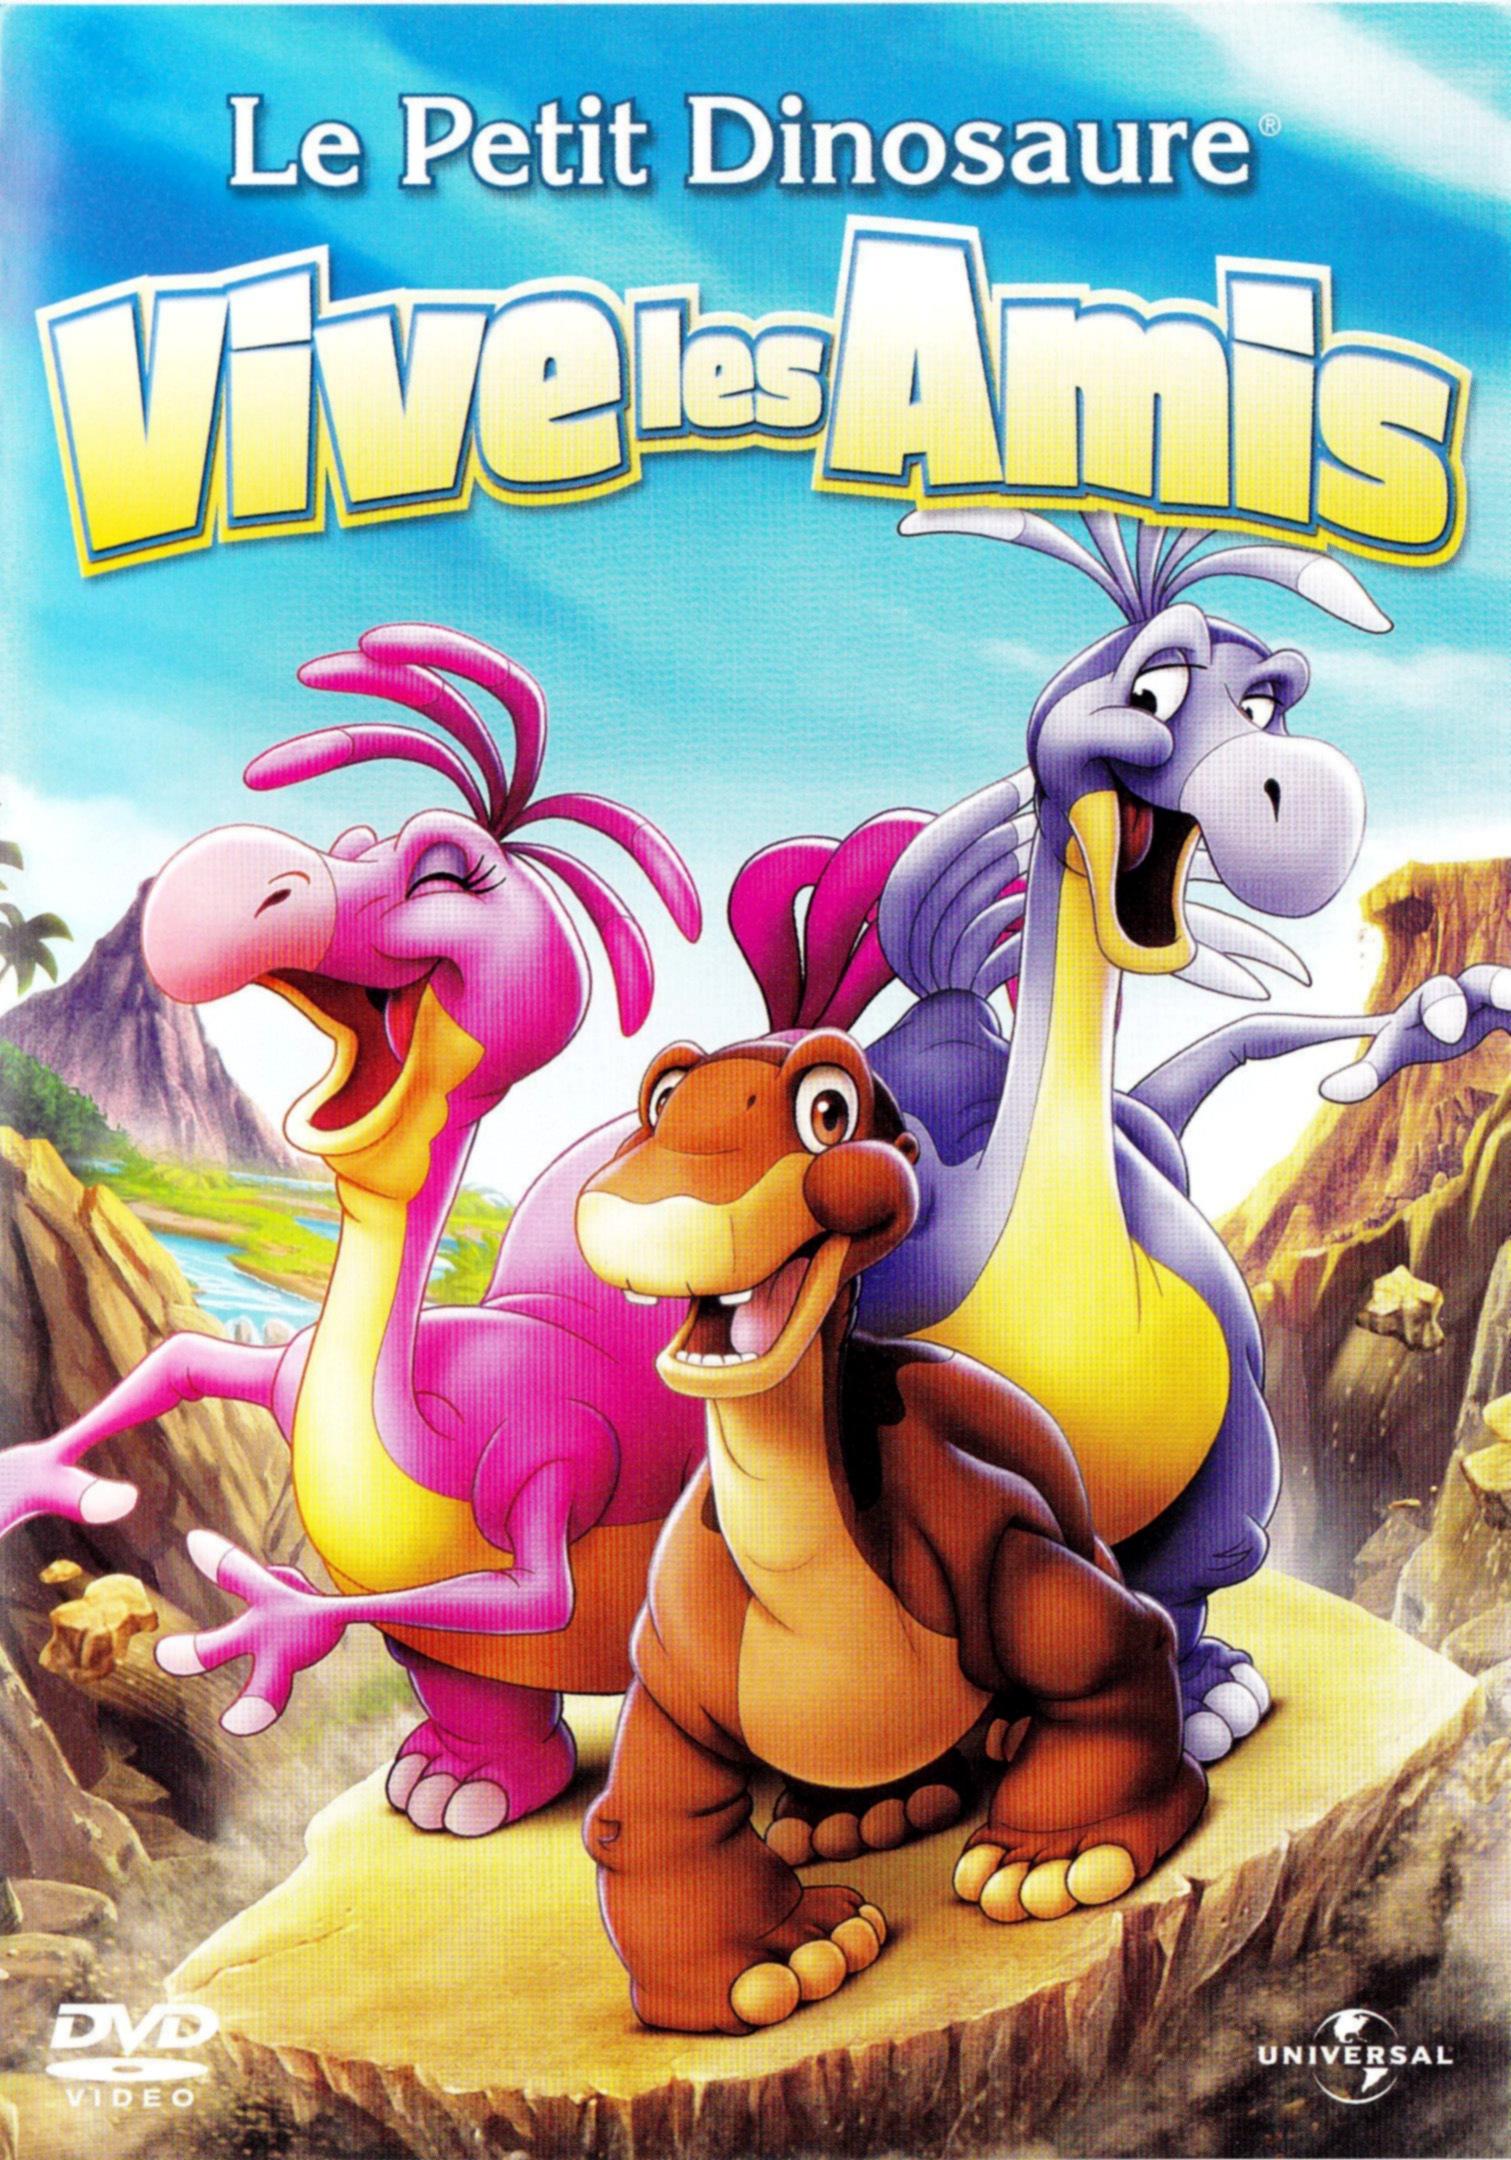 affiche du film Le Petit Dinosaure : Vive les amis